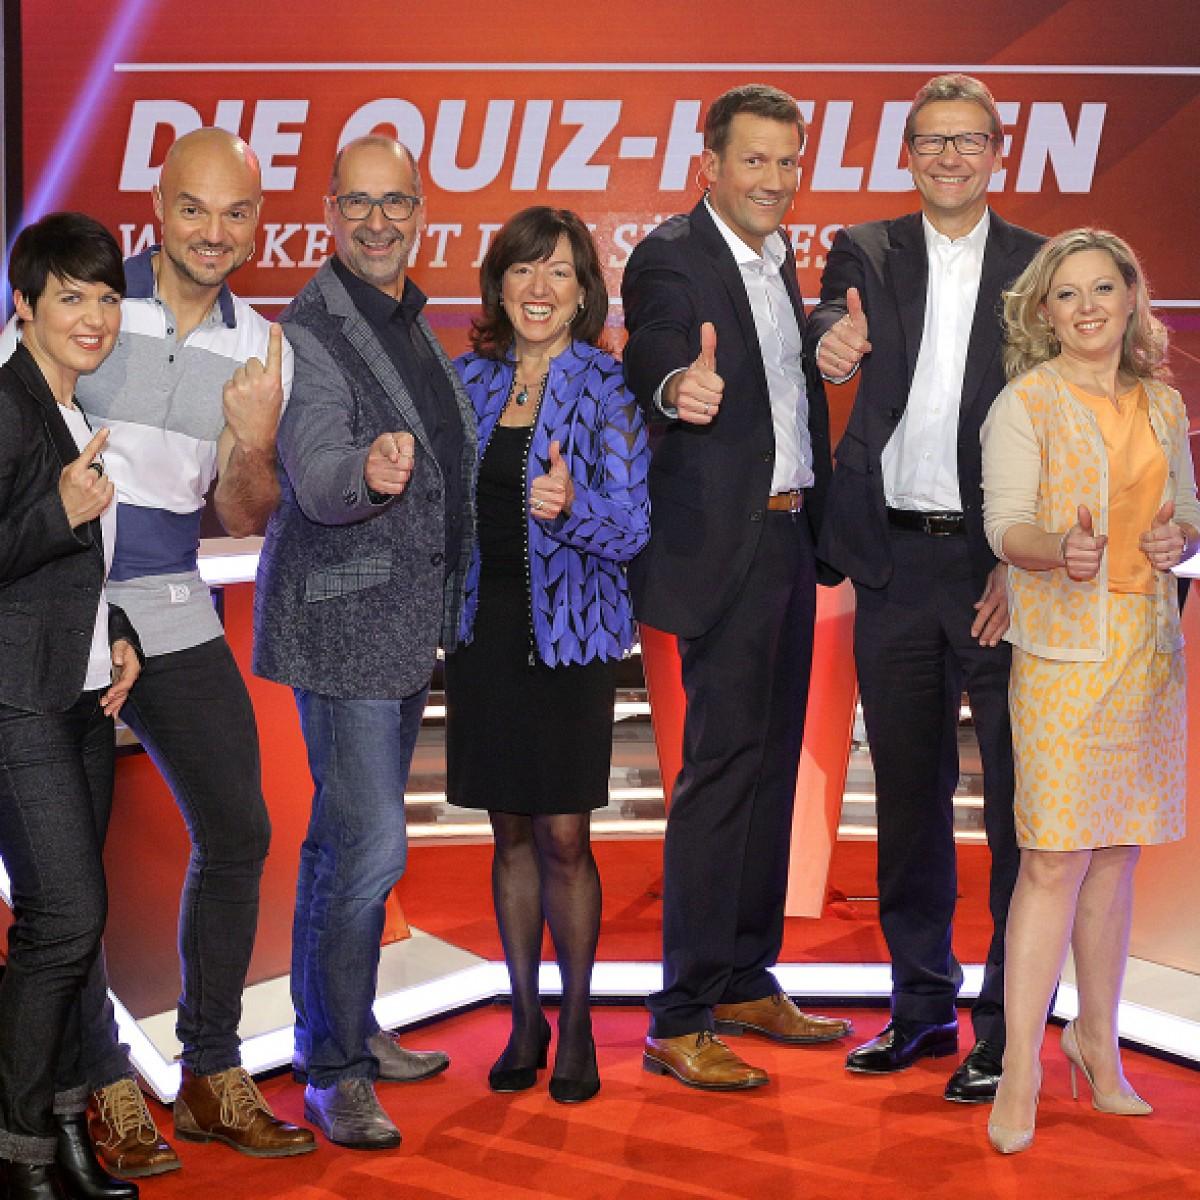 Die Quiz Helden